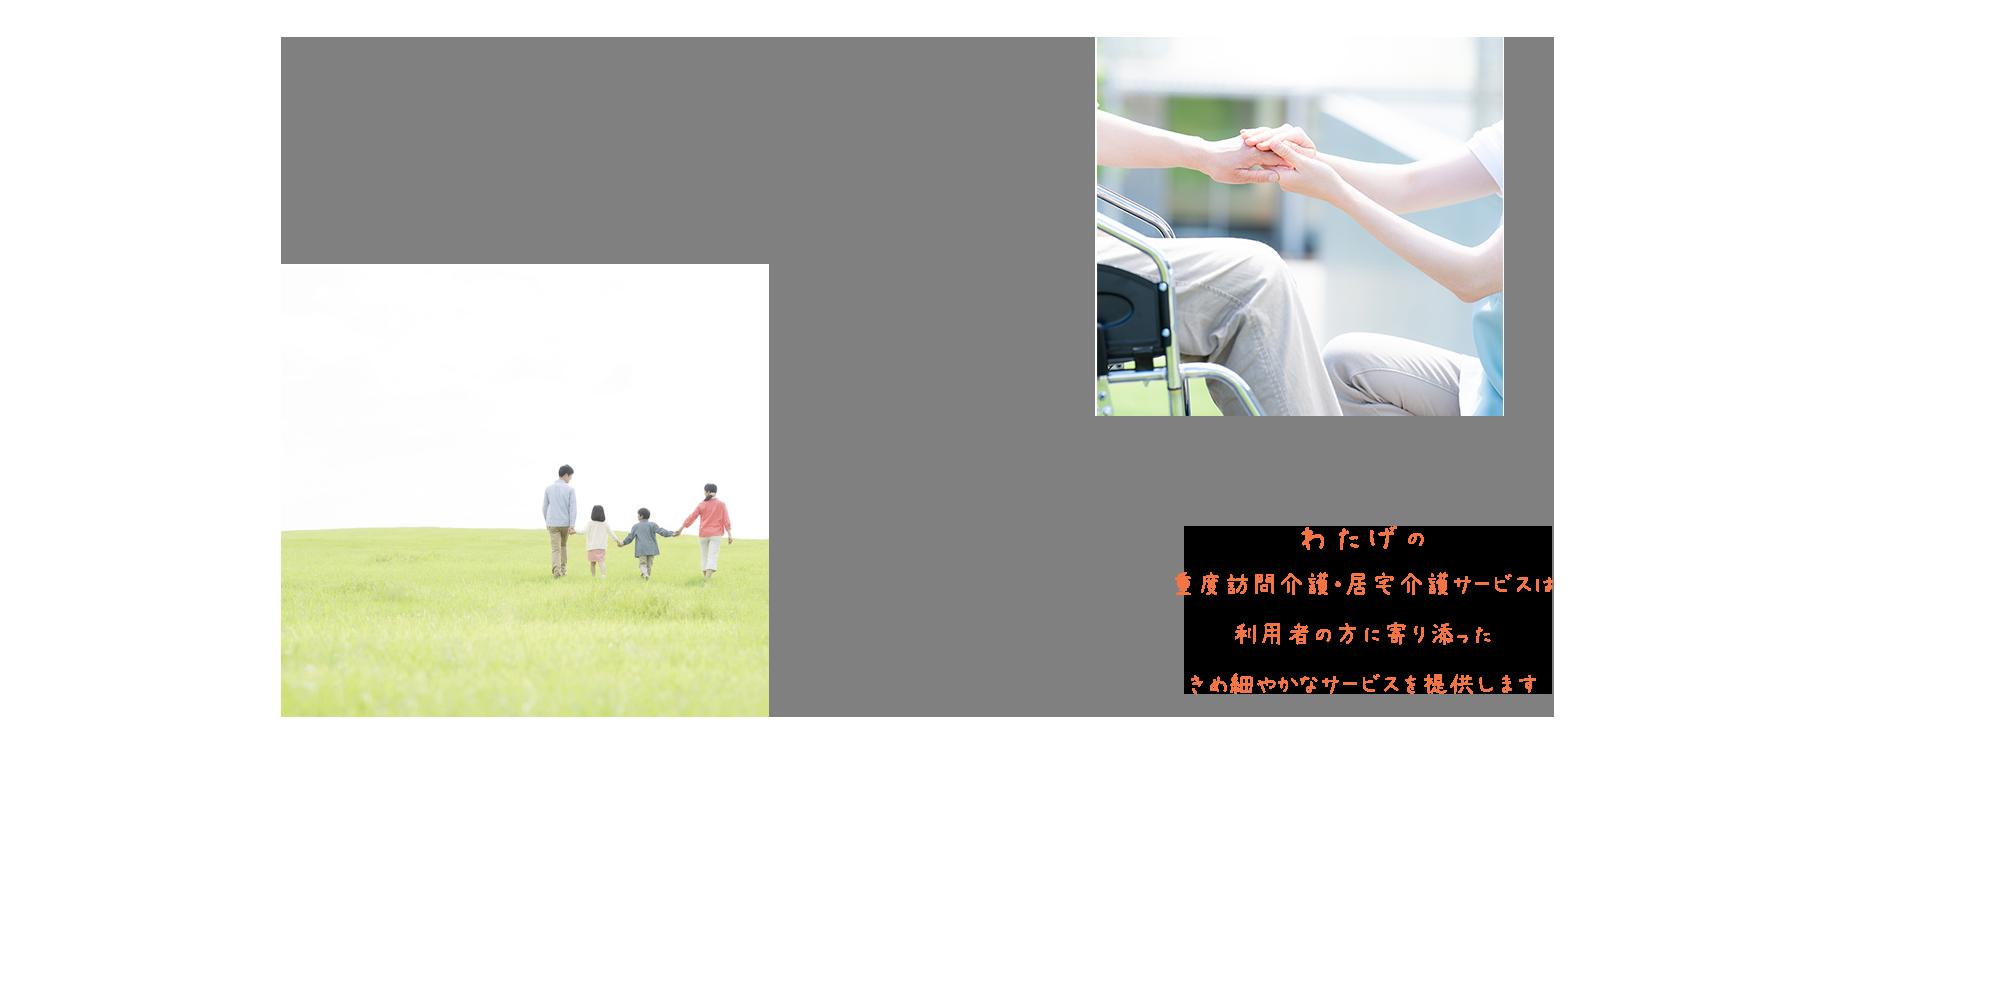 わたげの重度訪問介護・居宅介護サービスは 利用者の方に寄り添った きめ細やかなサービスを提供します。